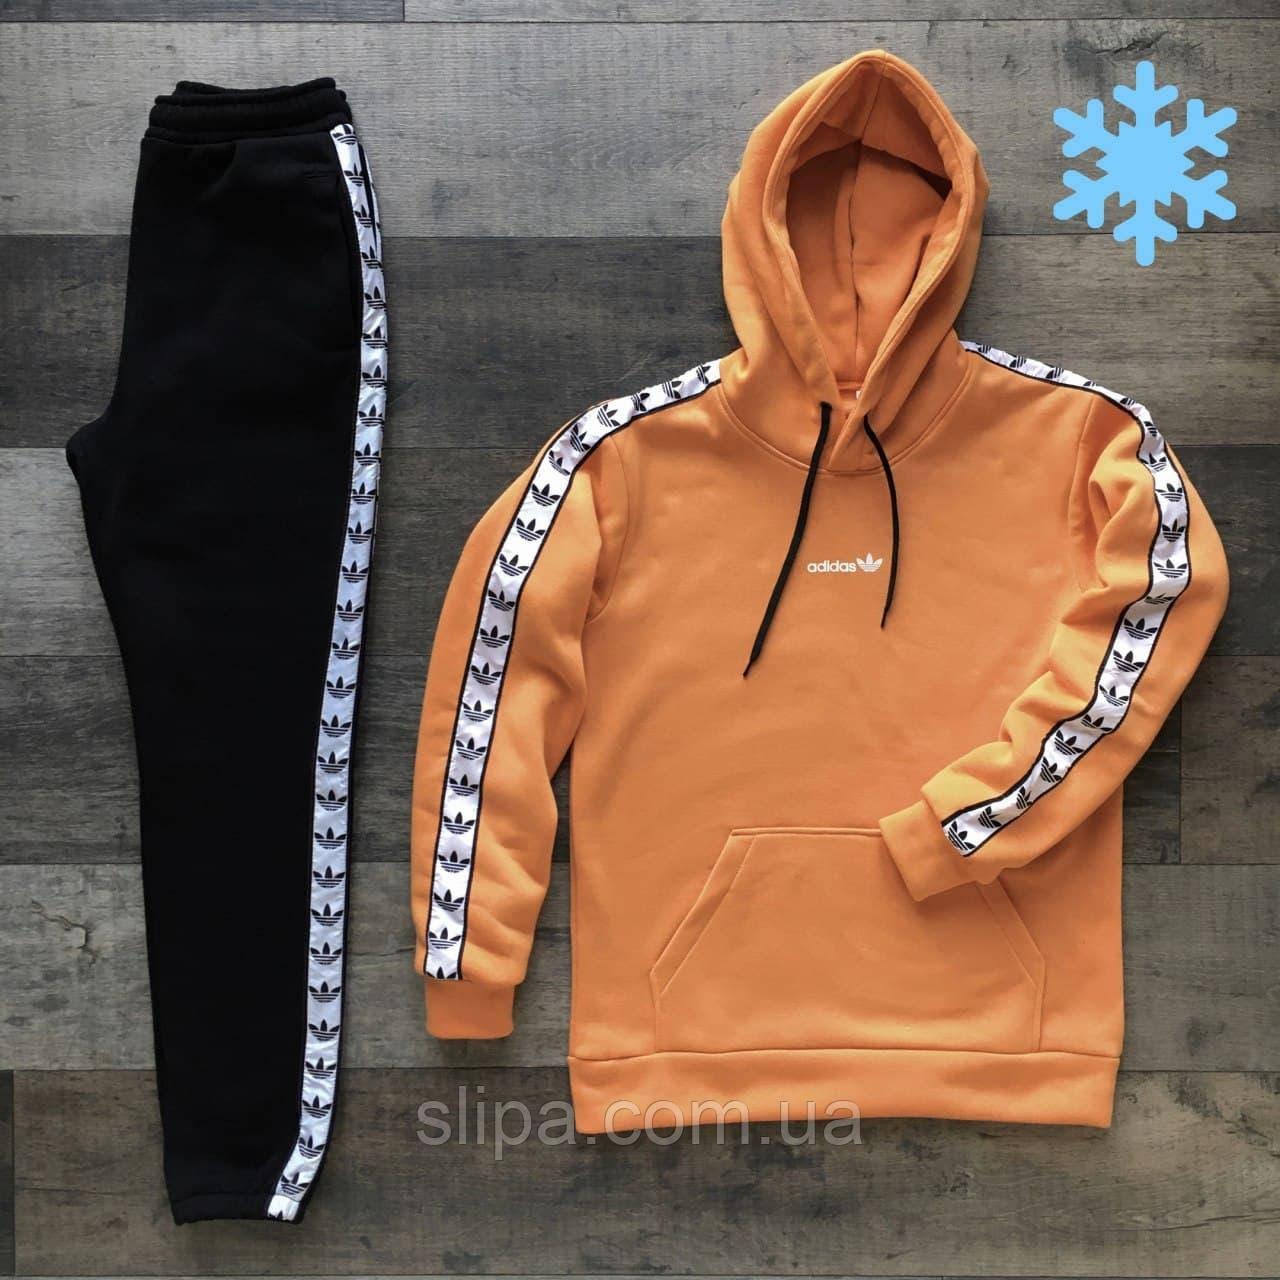 Чоловічий спортивний утеплений костюм Adidas помаранчевий з чорним